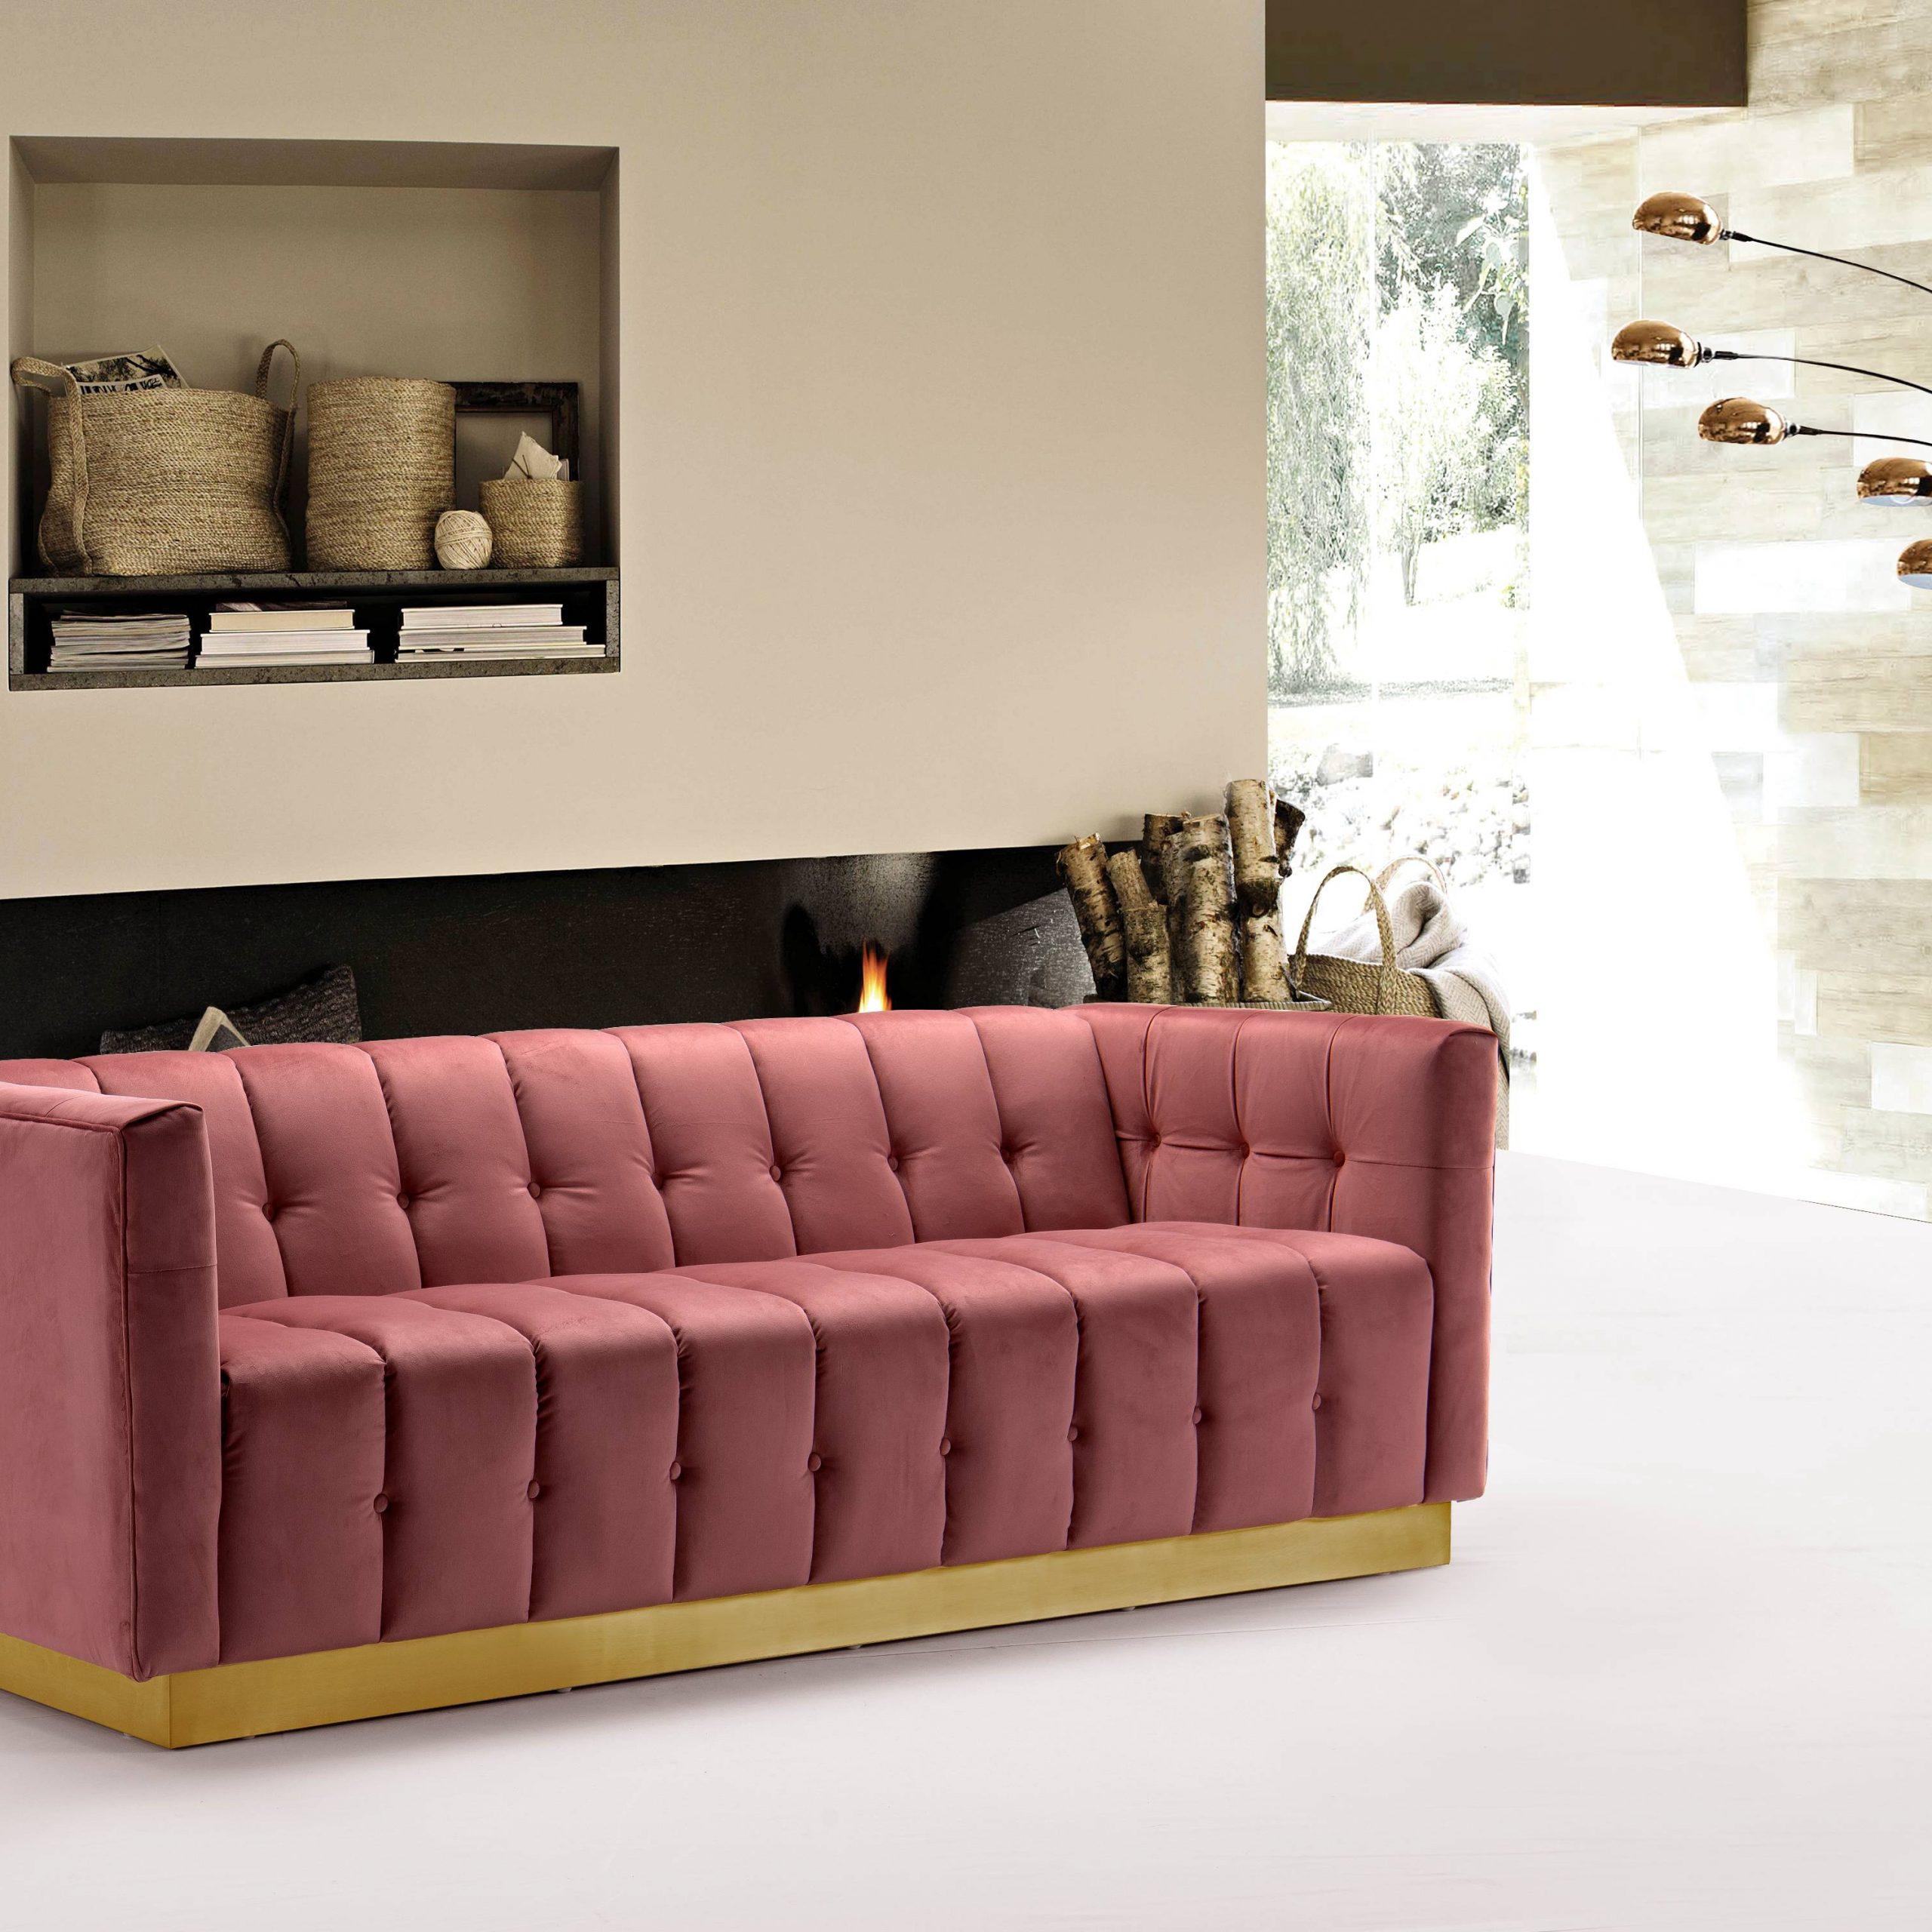 Chic Home Aviv Velvet Upholstered Channel Quilted Single For French Seamed Sectional Sofas In Velvet (View 2 of 15)